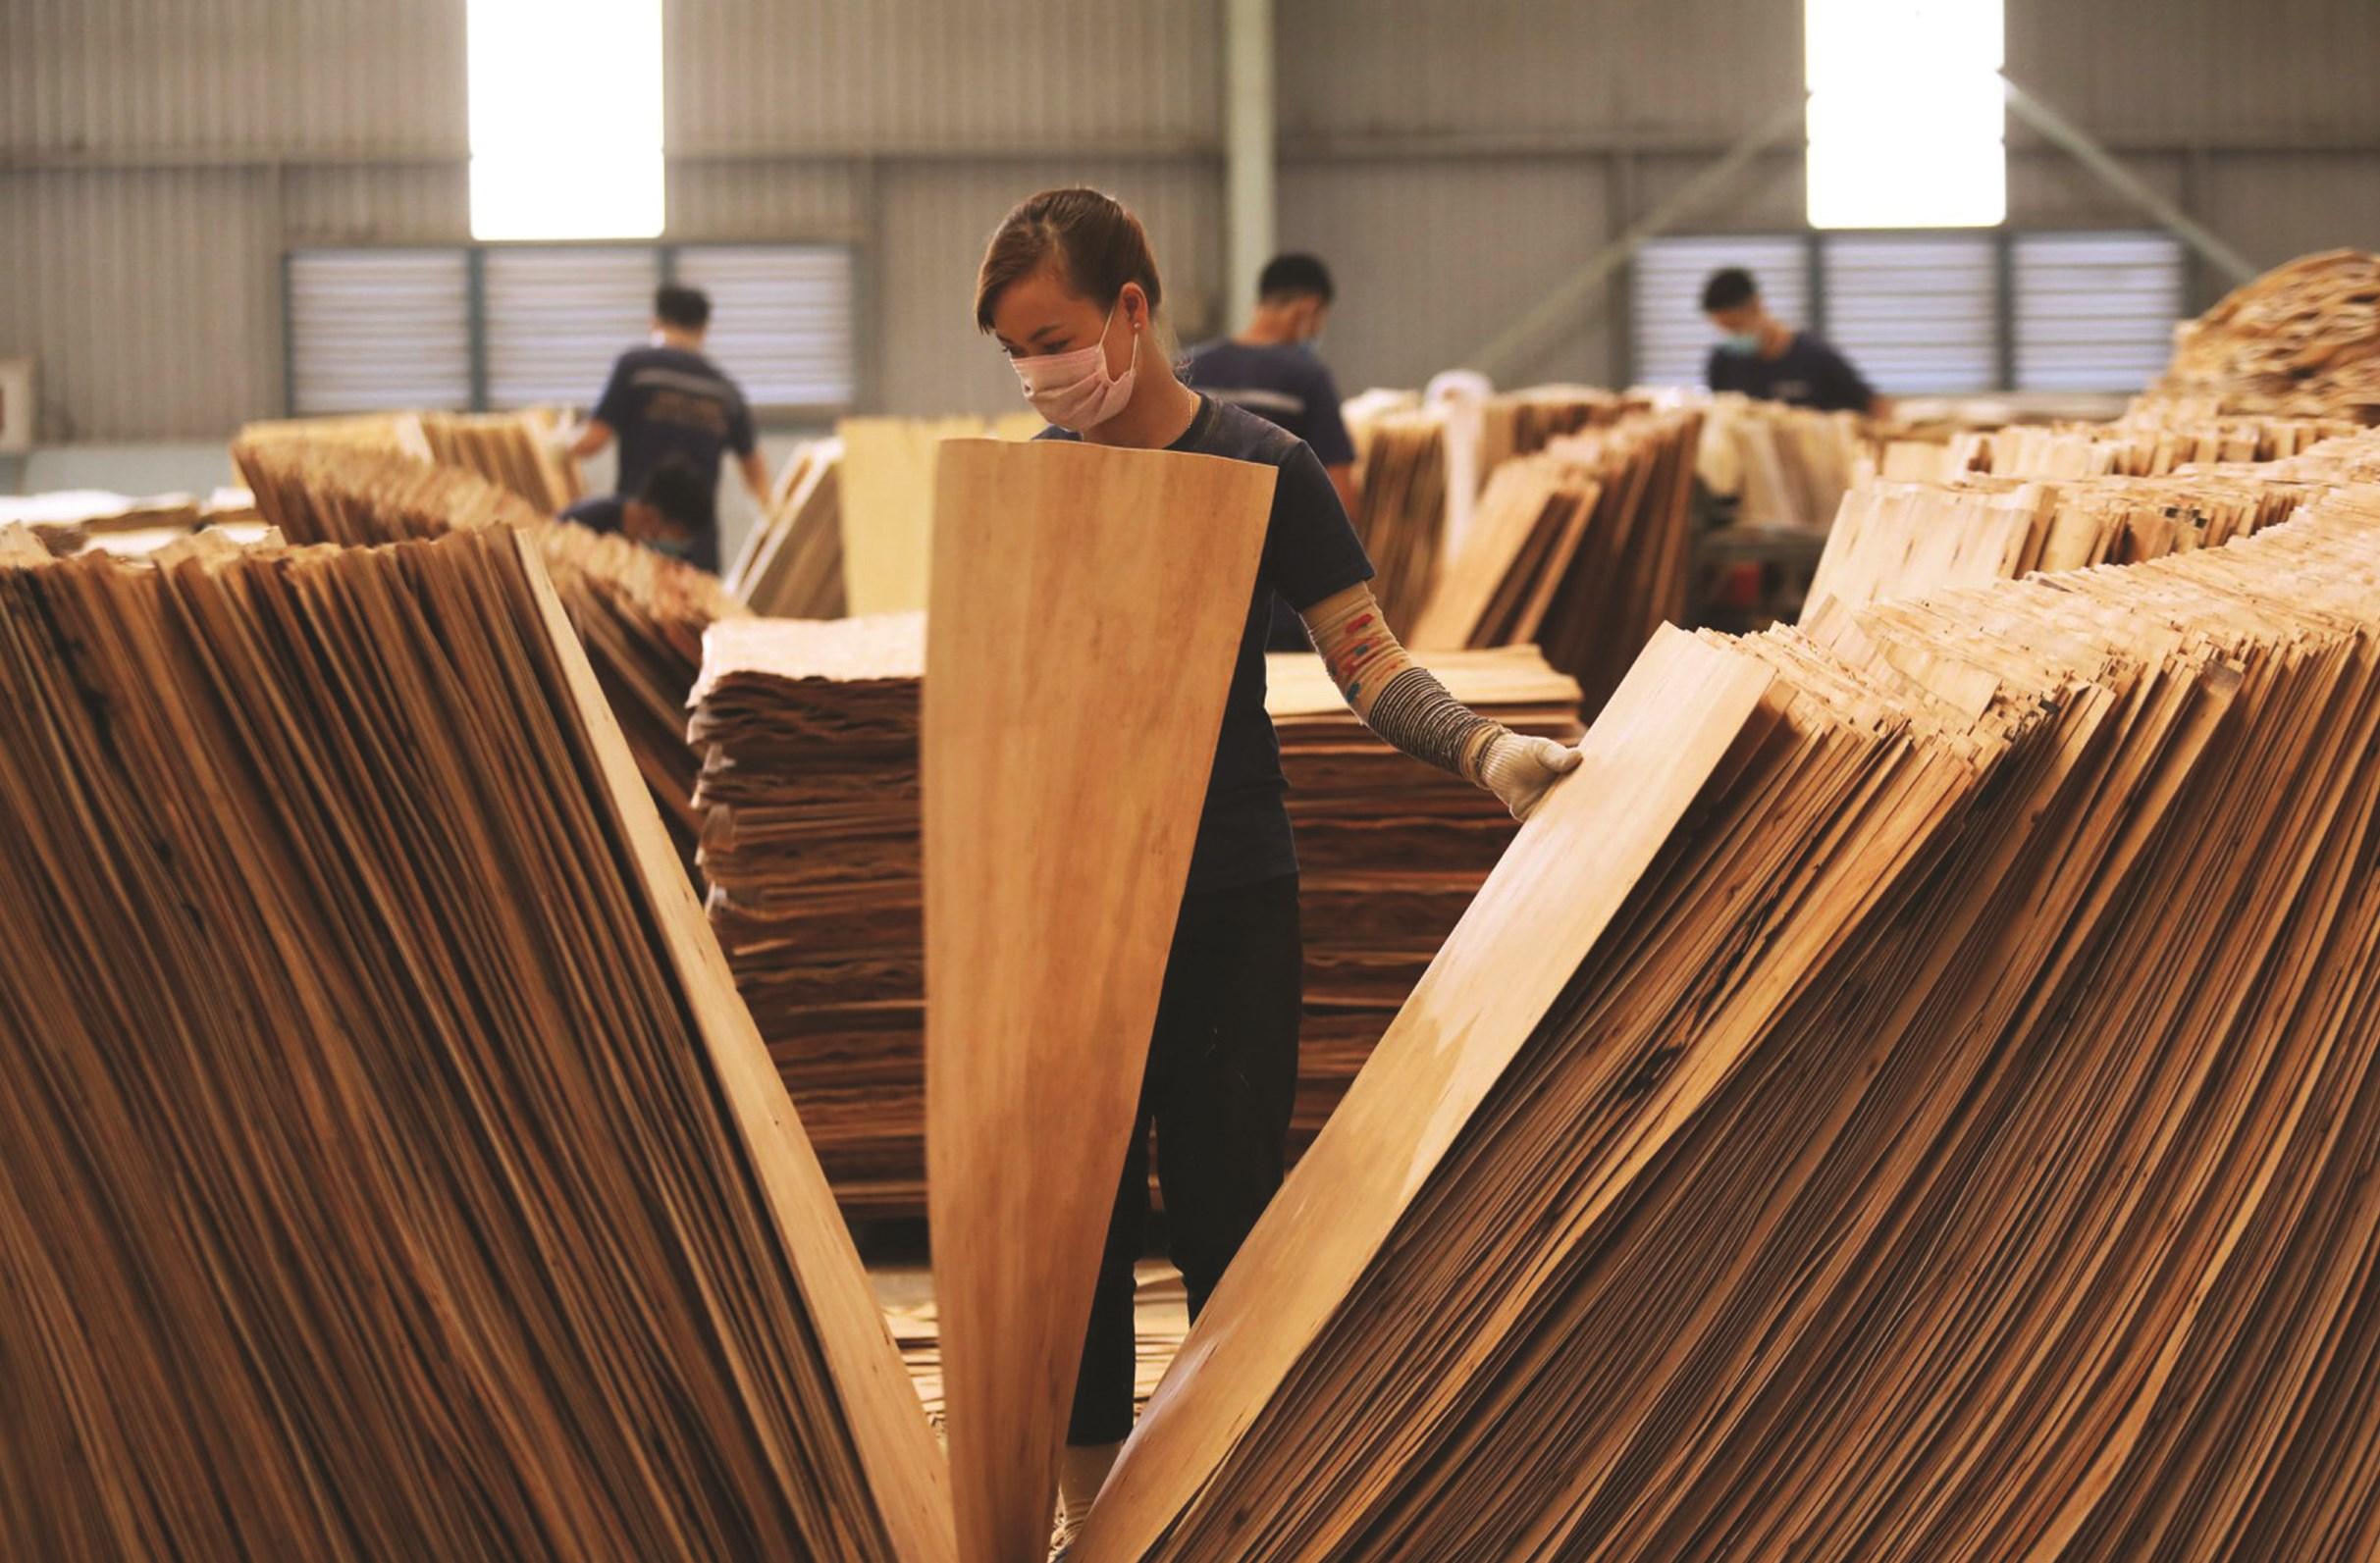 Từ khó khăn do dịch Covid-19, Ngành chế biến gỗ Việt Nam đang định hình lại hướng phát triển